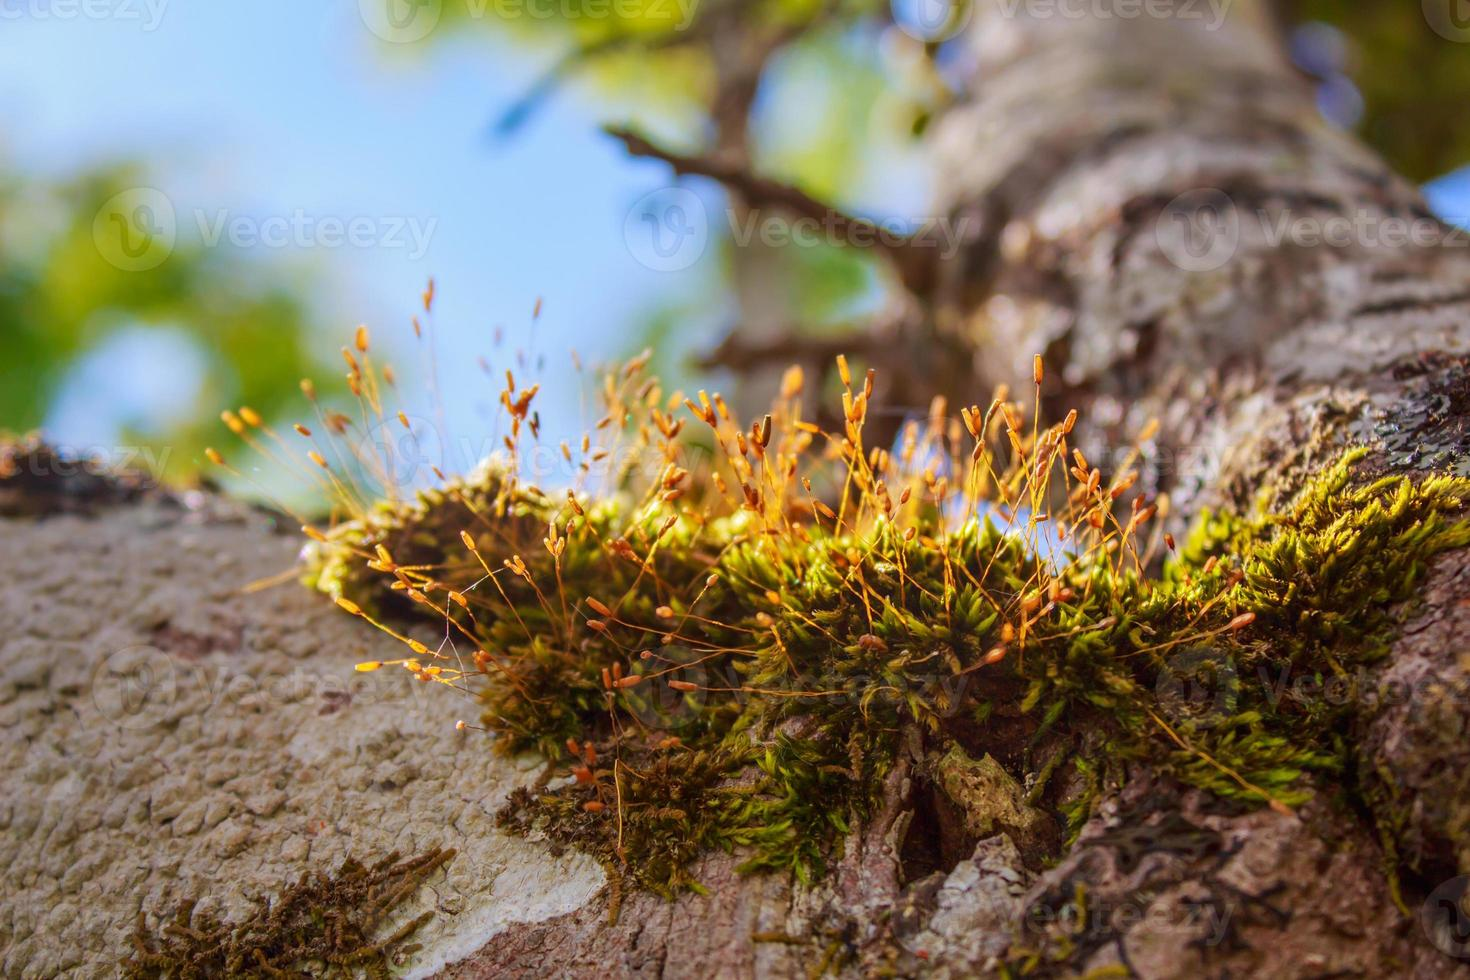 varenplant groeit op oude boomstronk in de tuin. foto